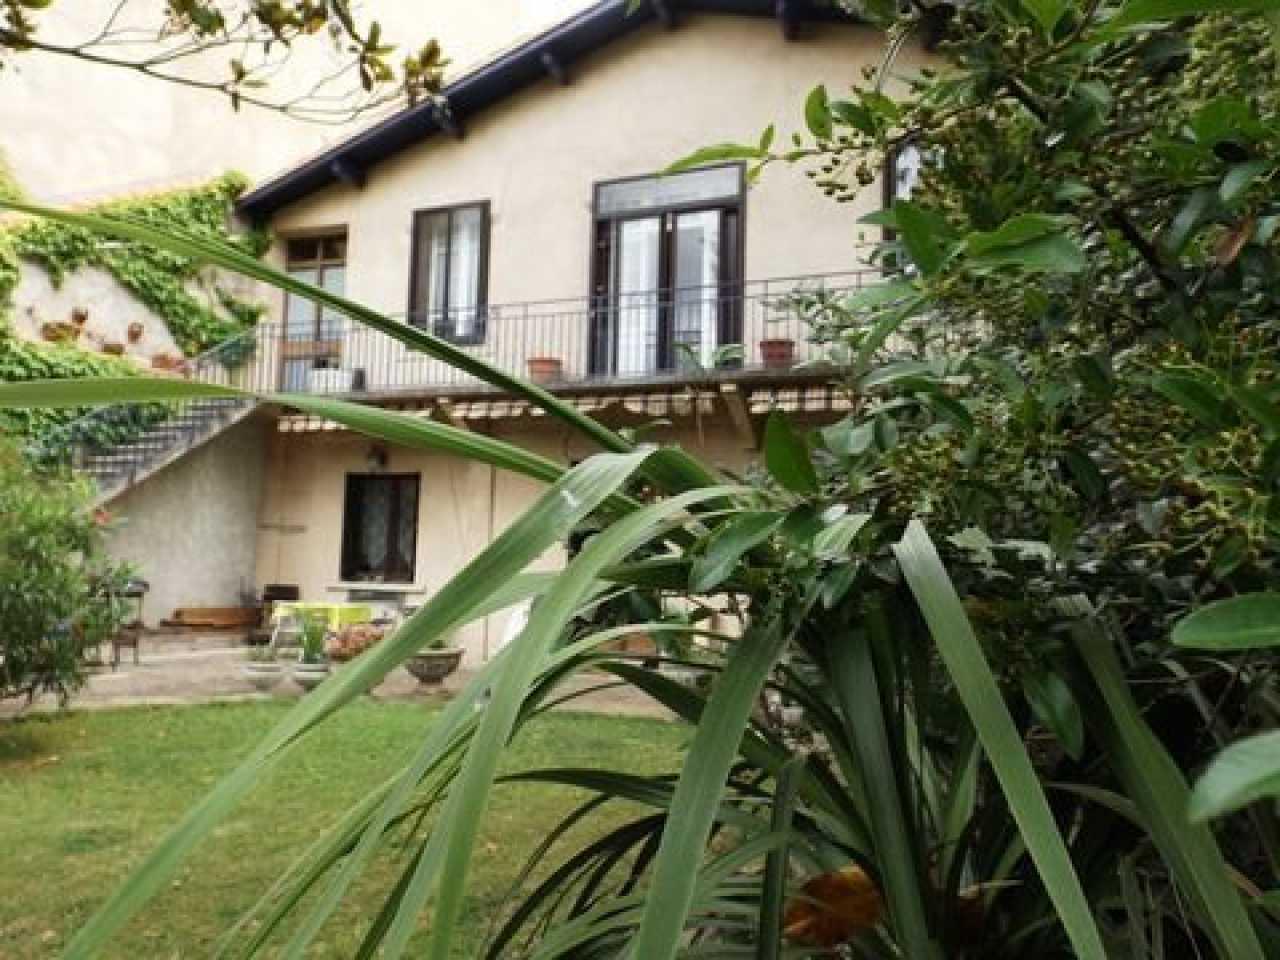 House CARCASSONNE | 250 000 €